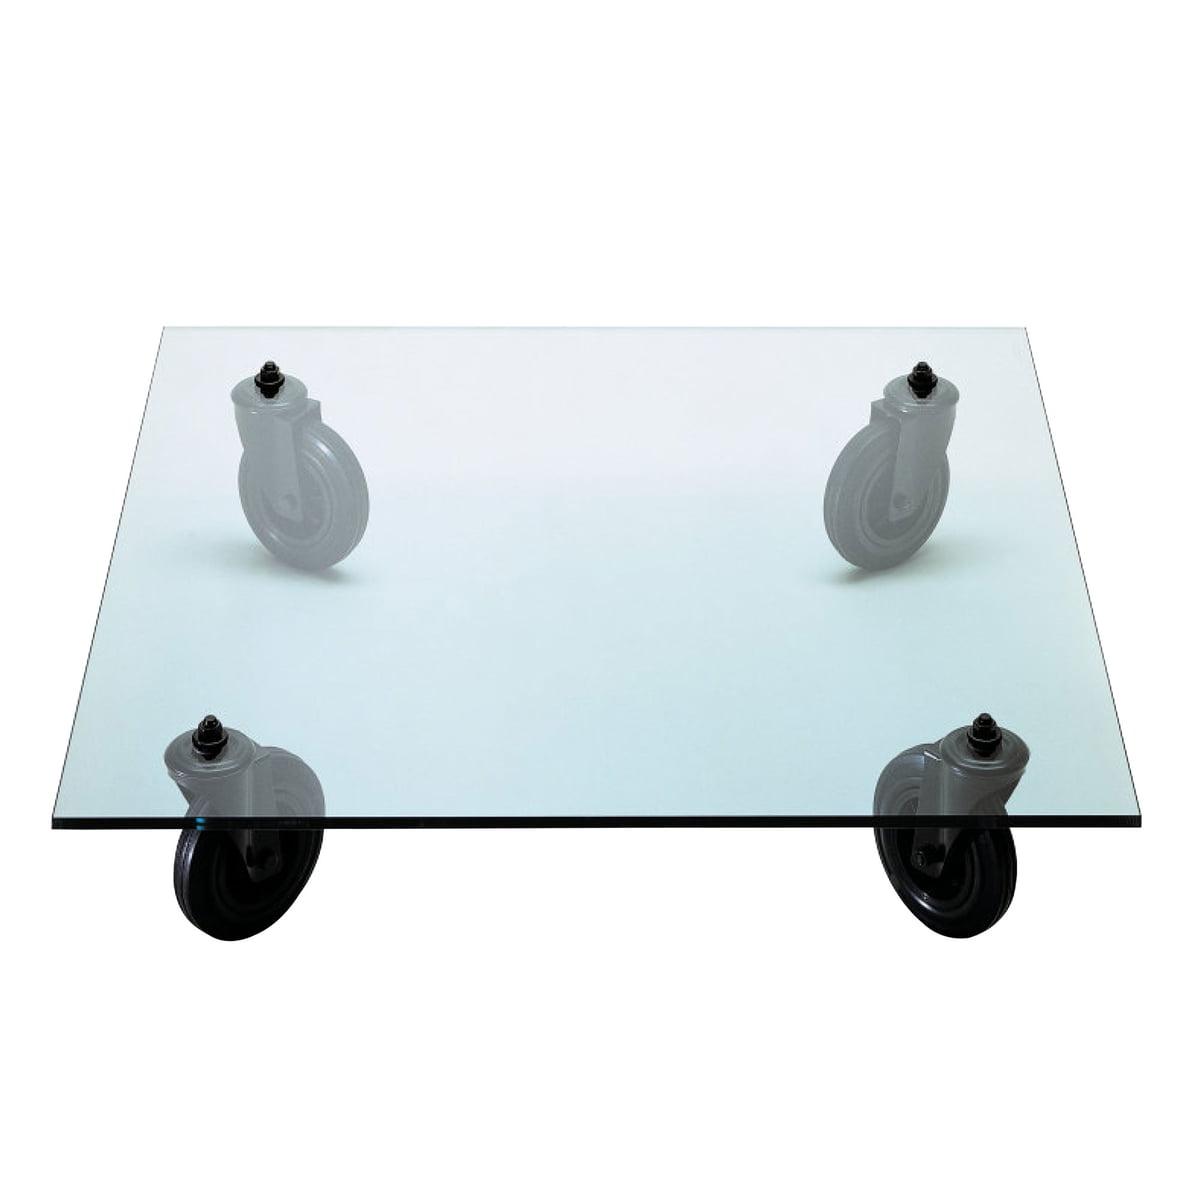 Tavolino con ruote | FontanaArte | Shop